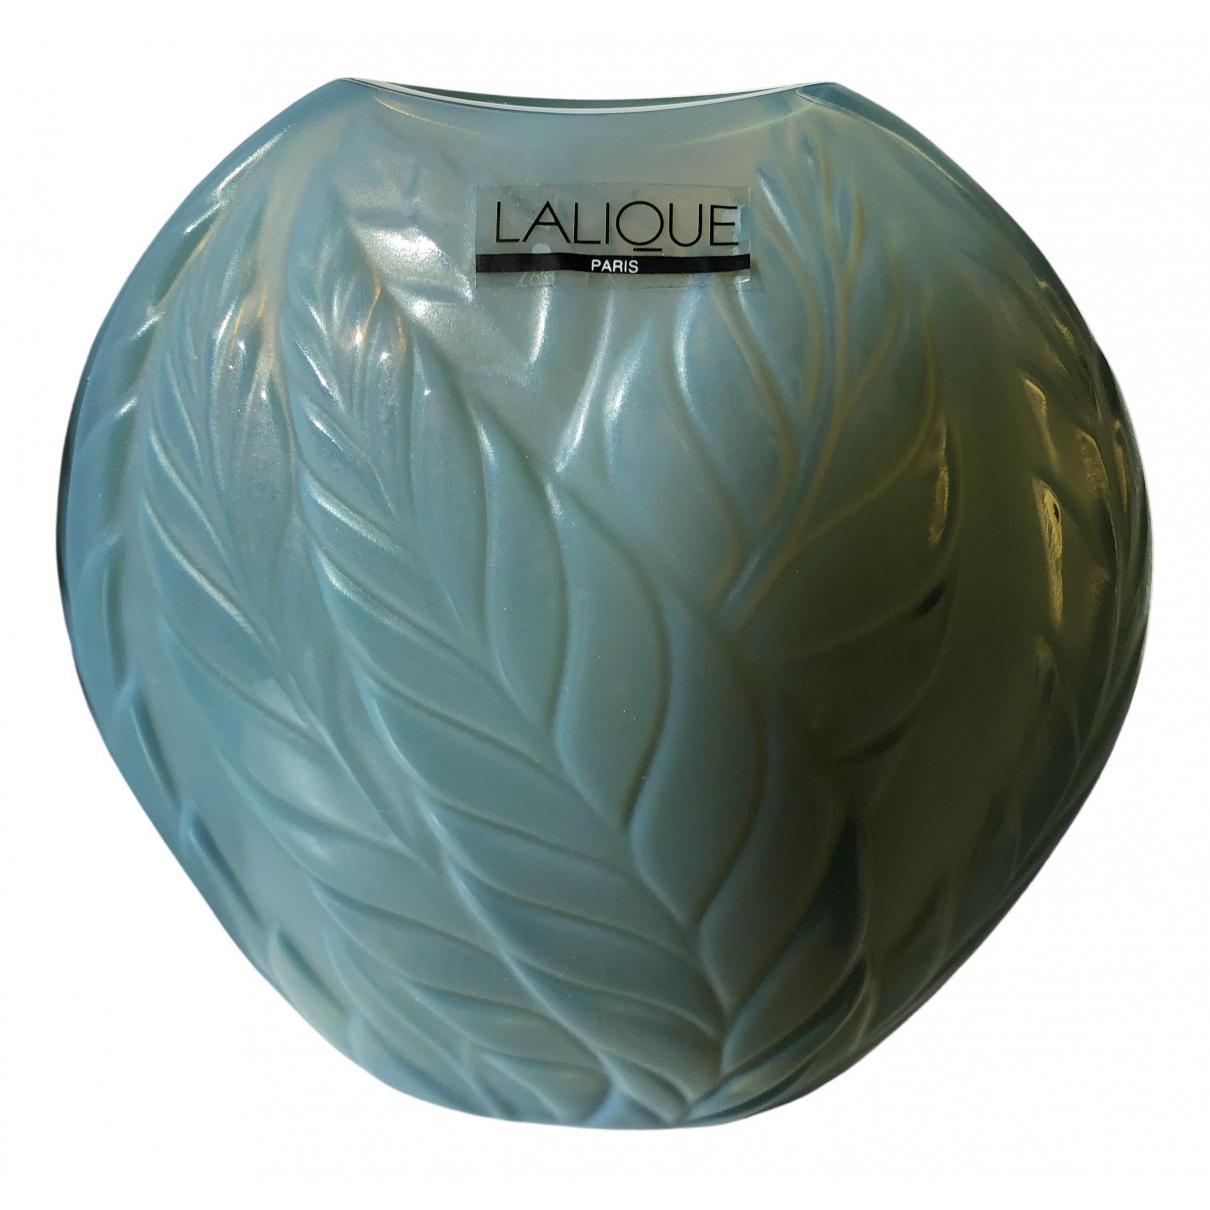 Jarron de Cristal Lalique